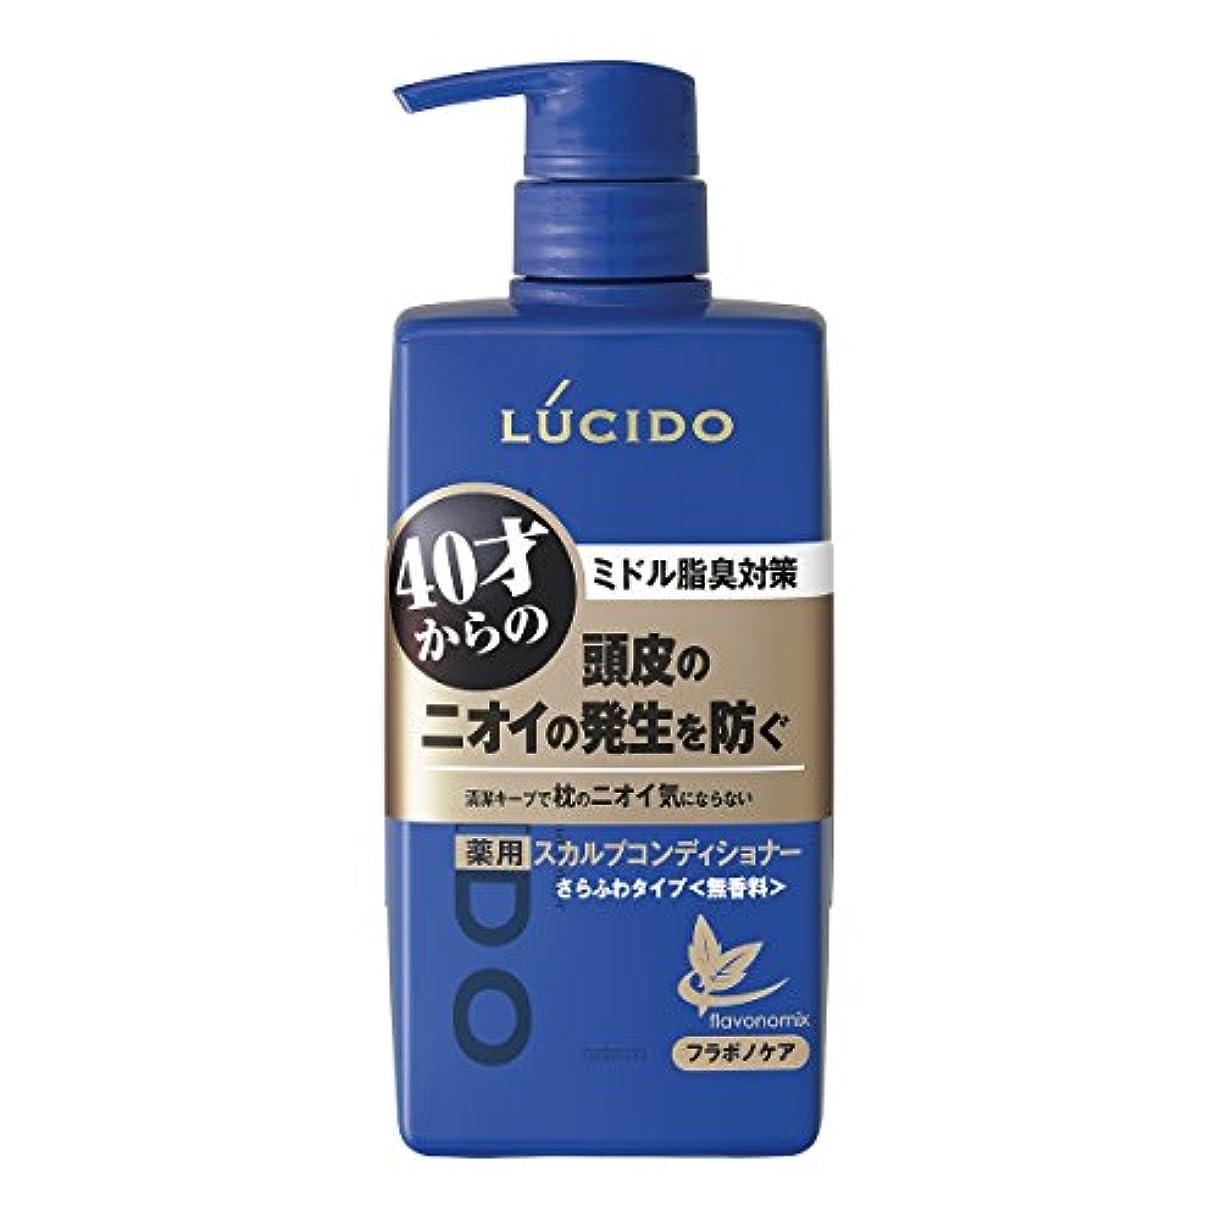 経験者トレイルサーマルルシード 薬用ヘア&スカルプコンディショナー 450g(医薬部外品)